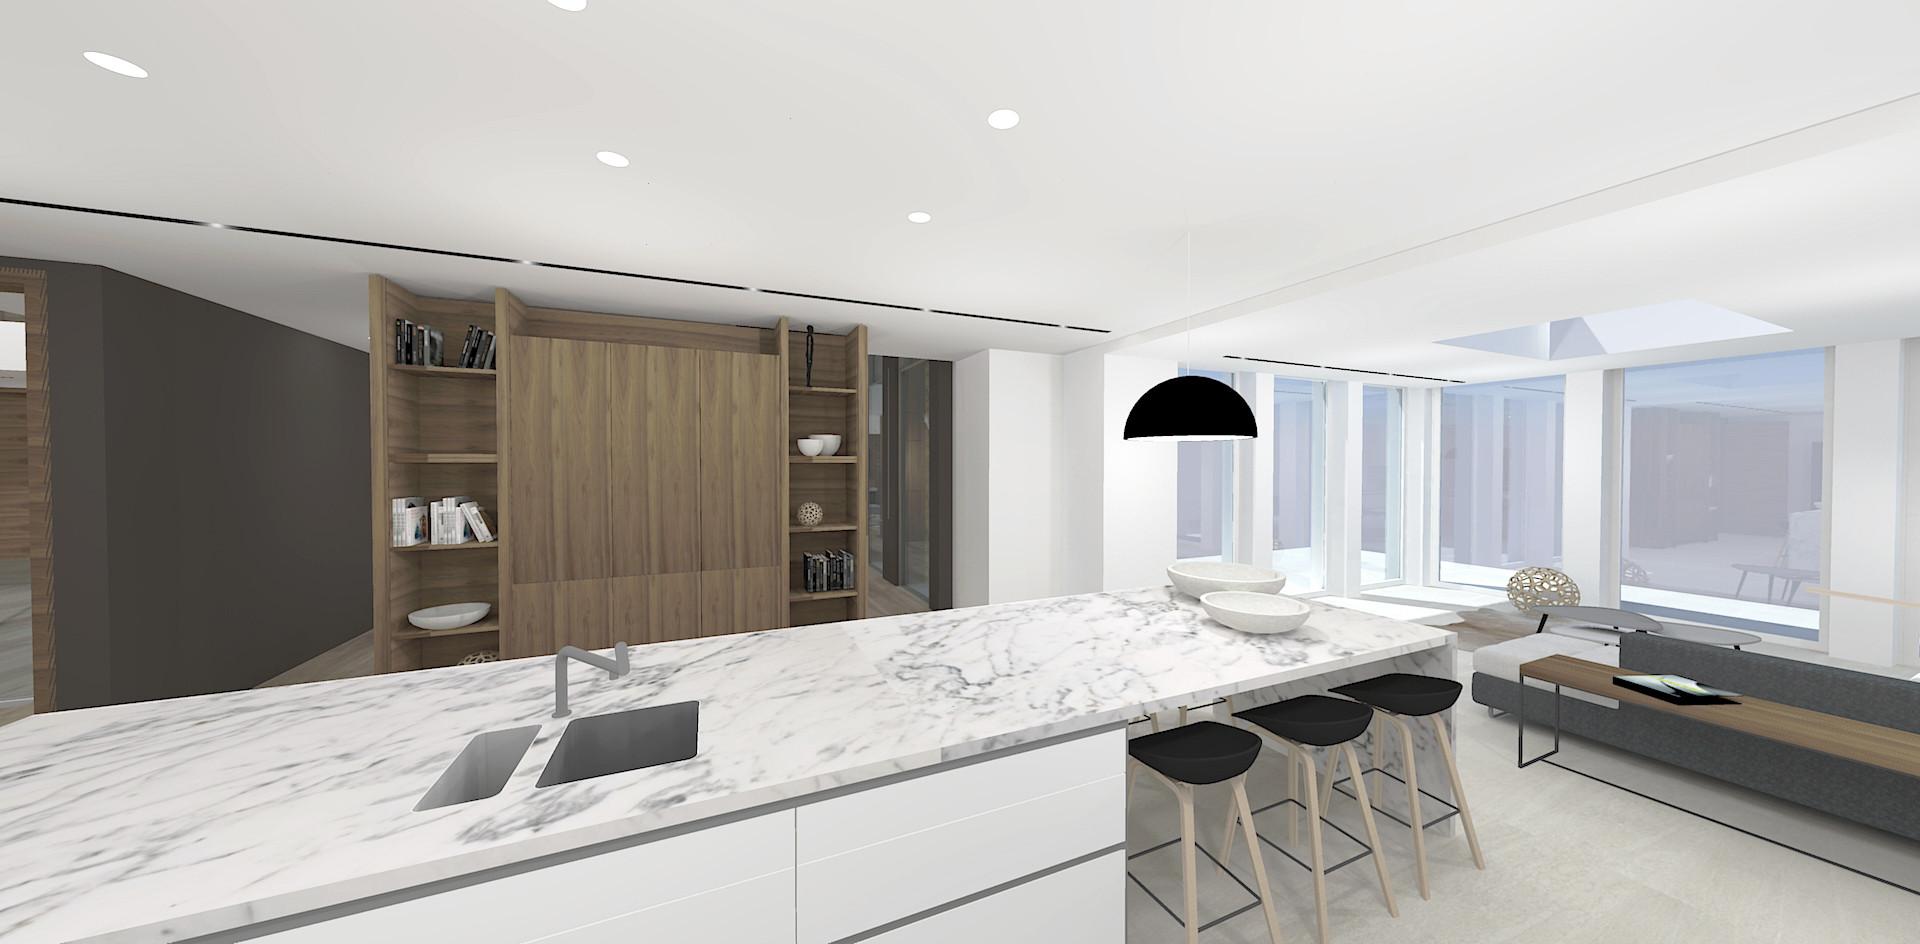 Modern kitchen interior visualisation 3D